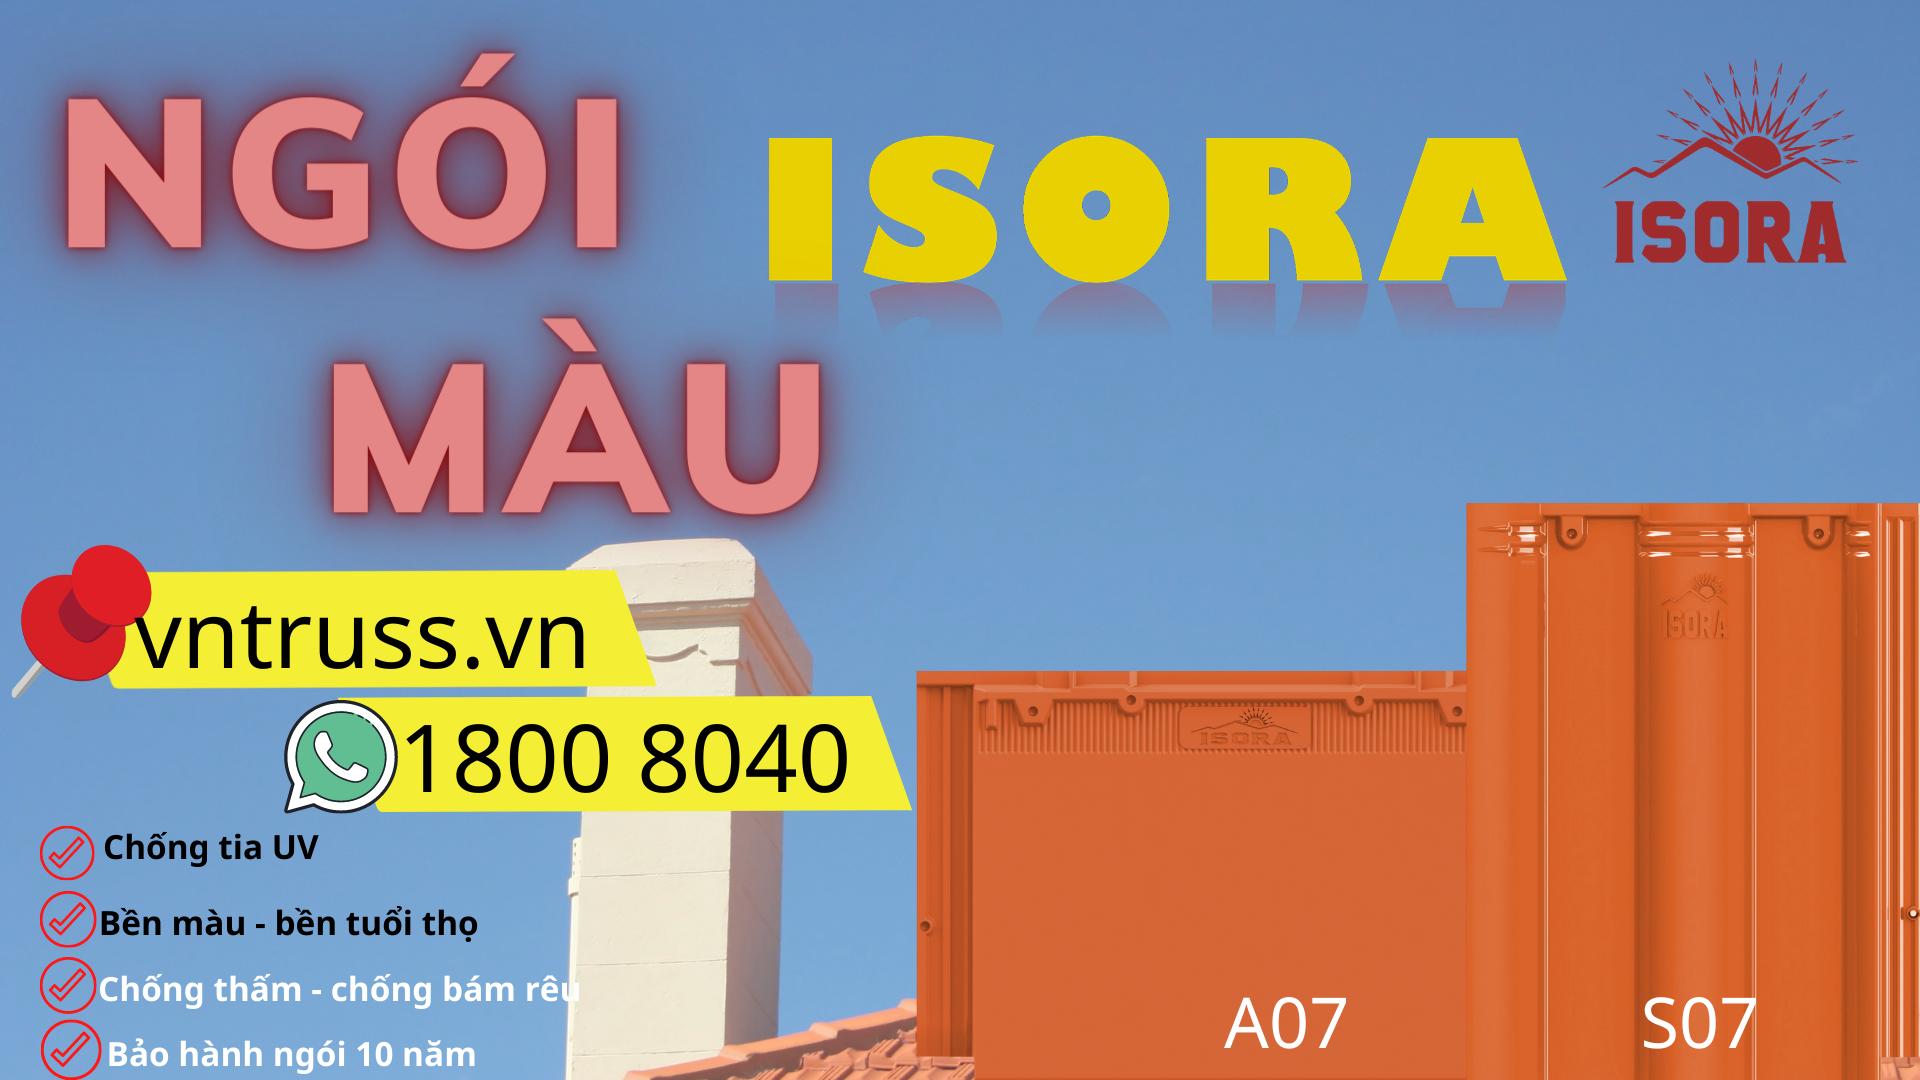 Thay ngói truyền thống bằng Ngói ISORA màu cam